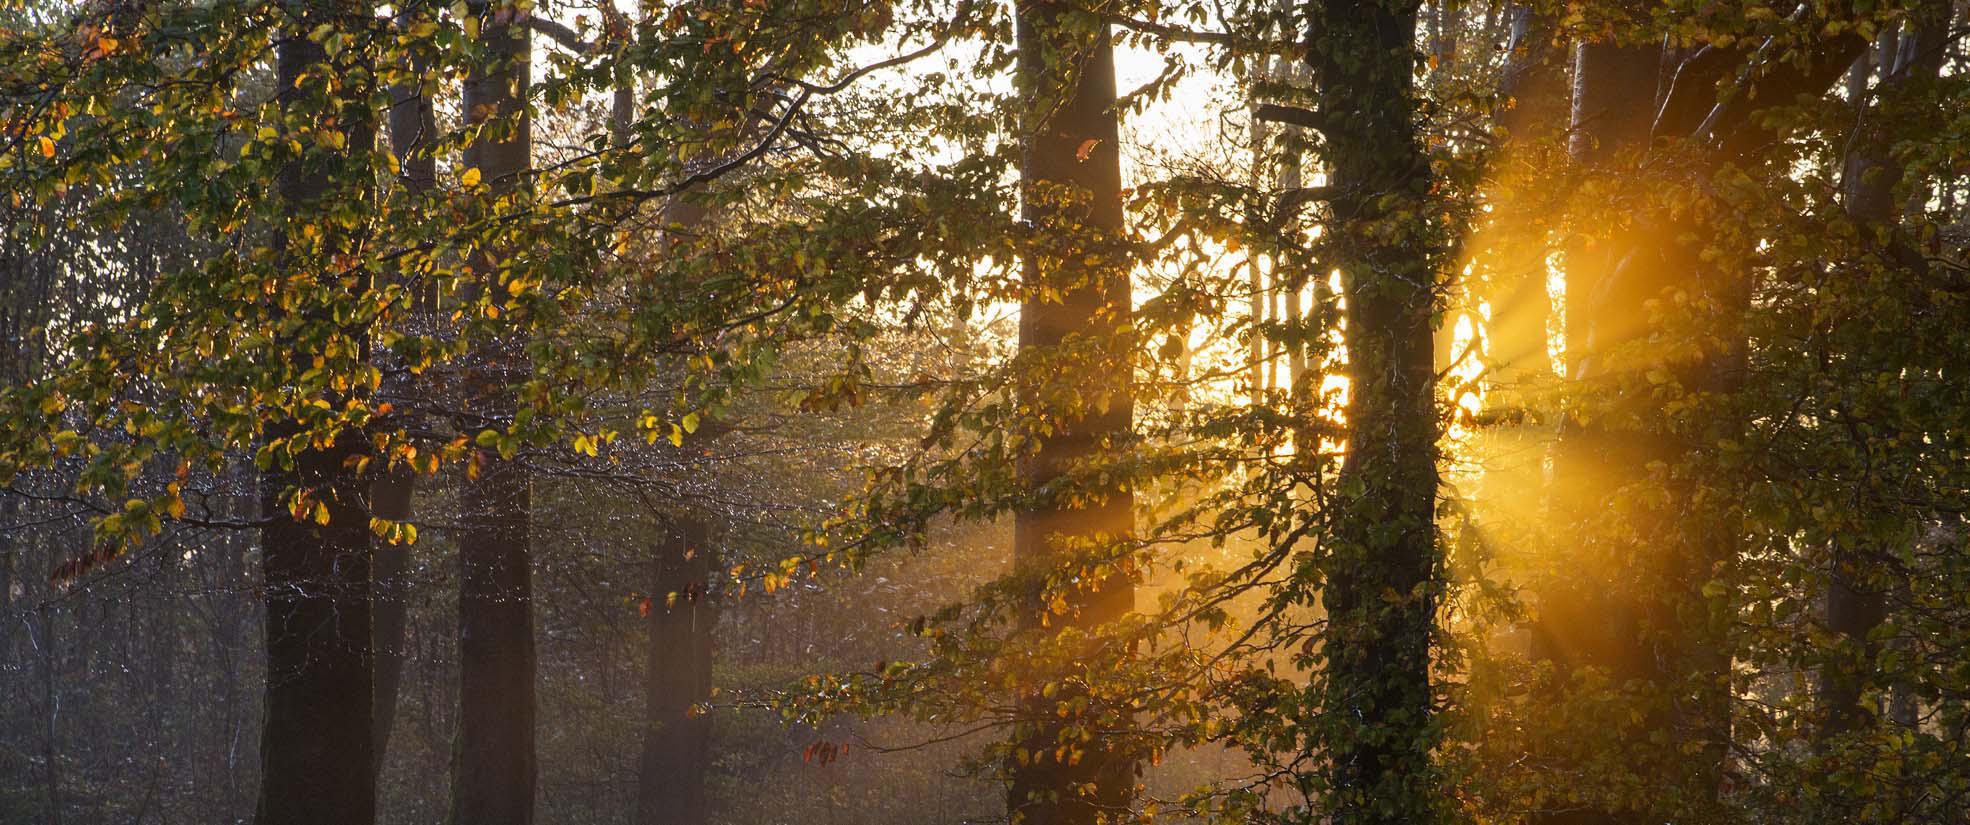 Die Sonne strahlt durch den herbstlichen Wald